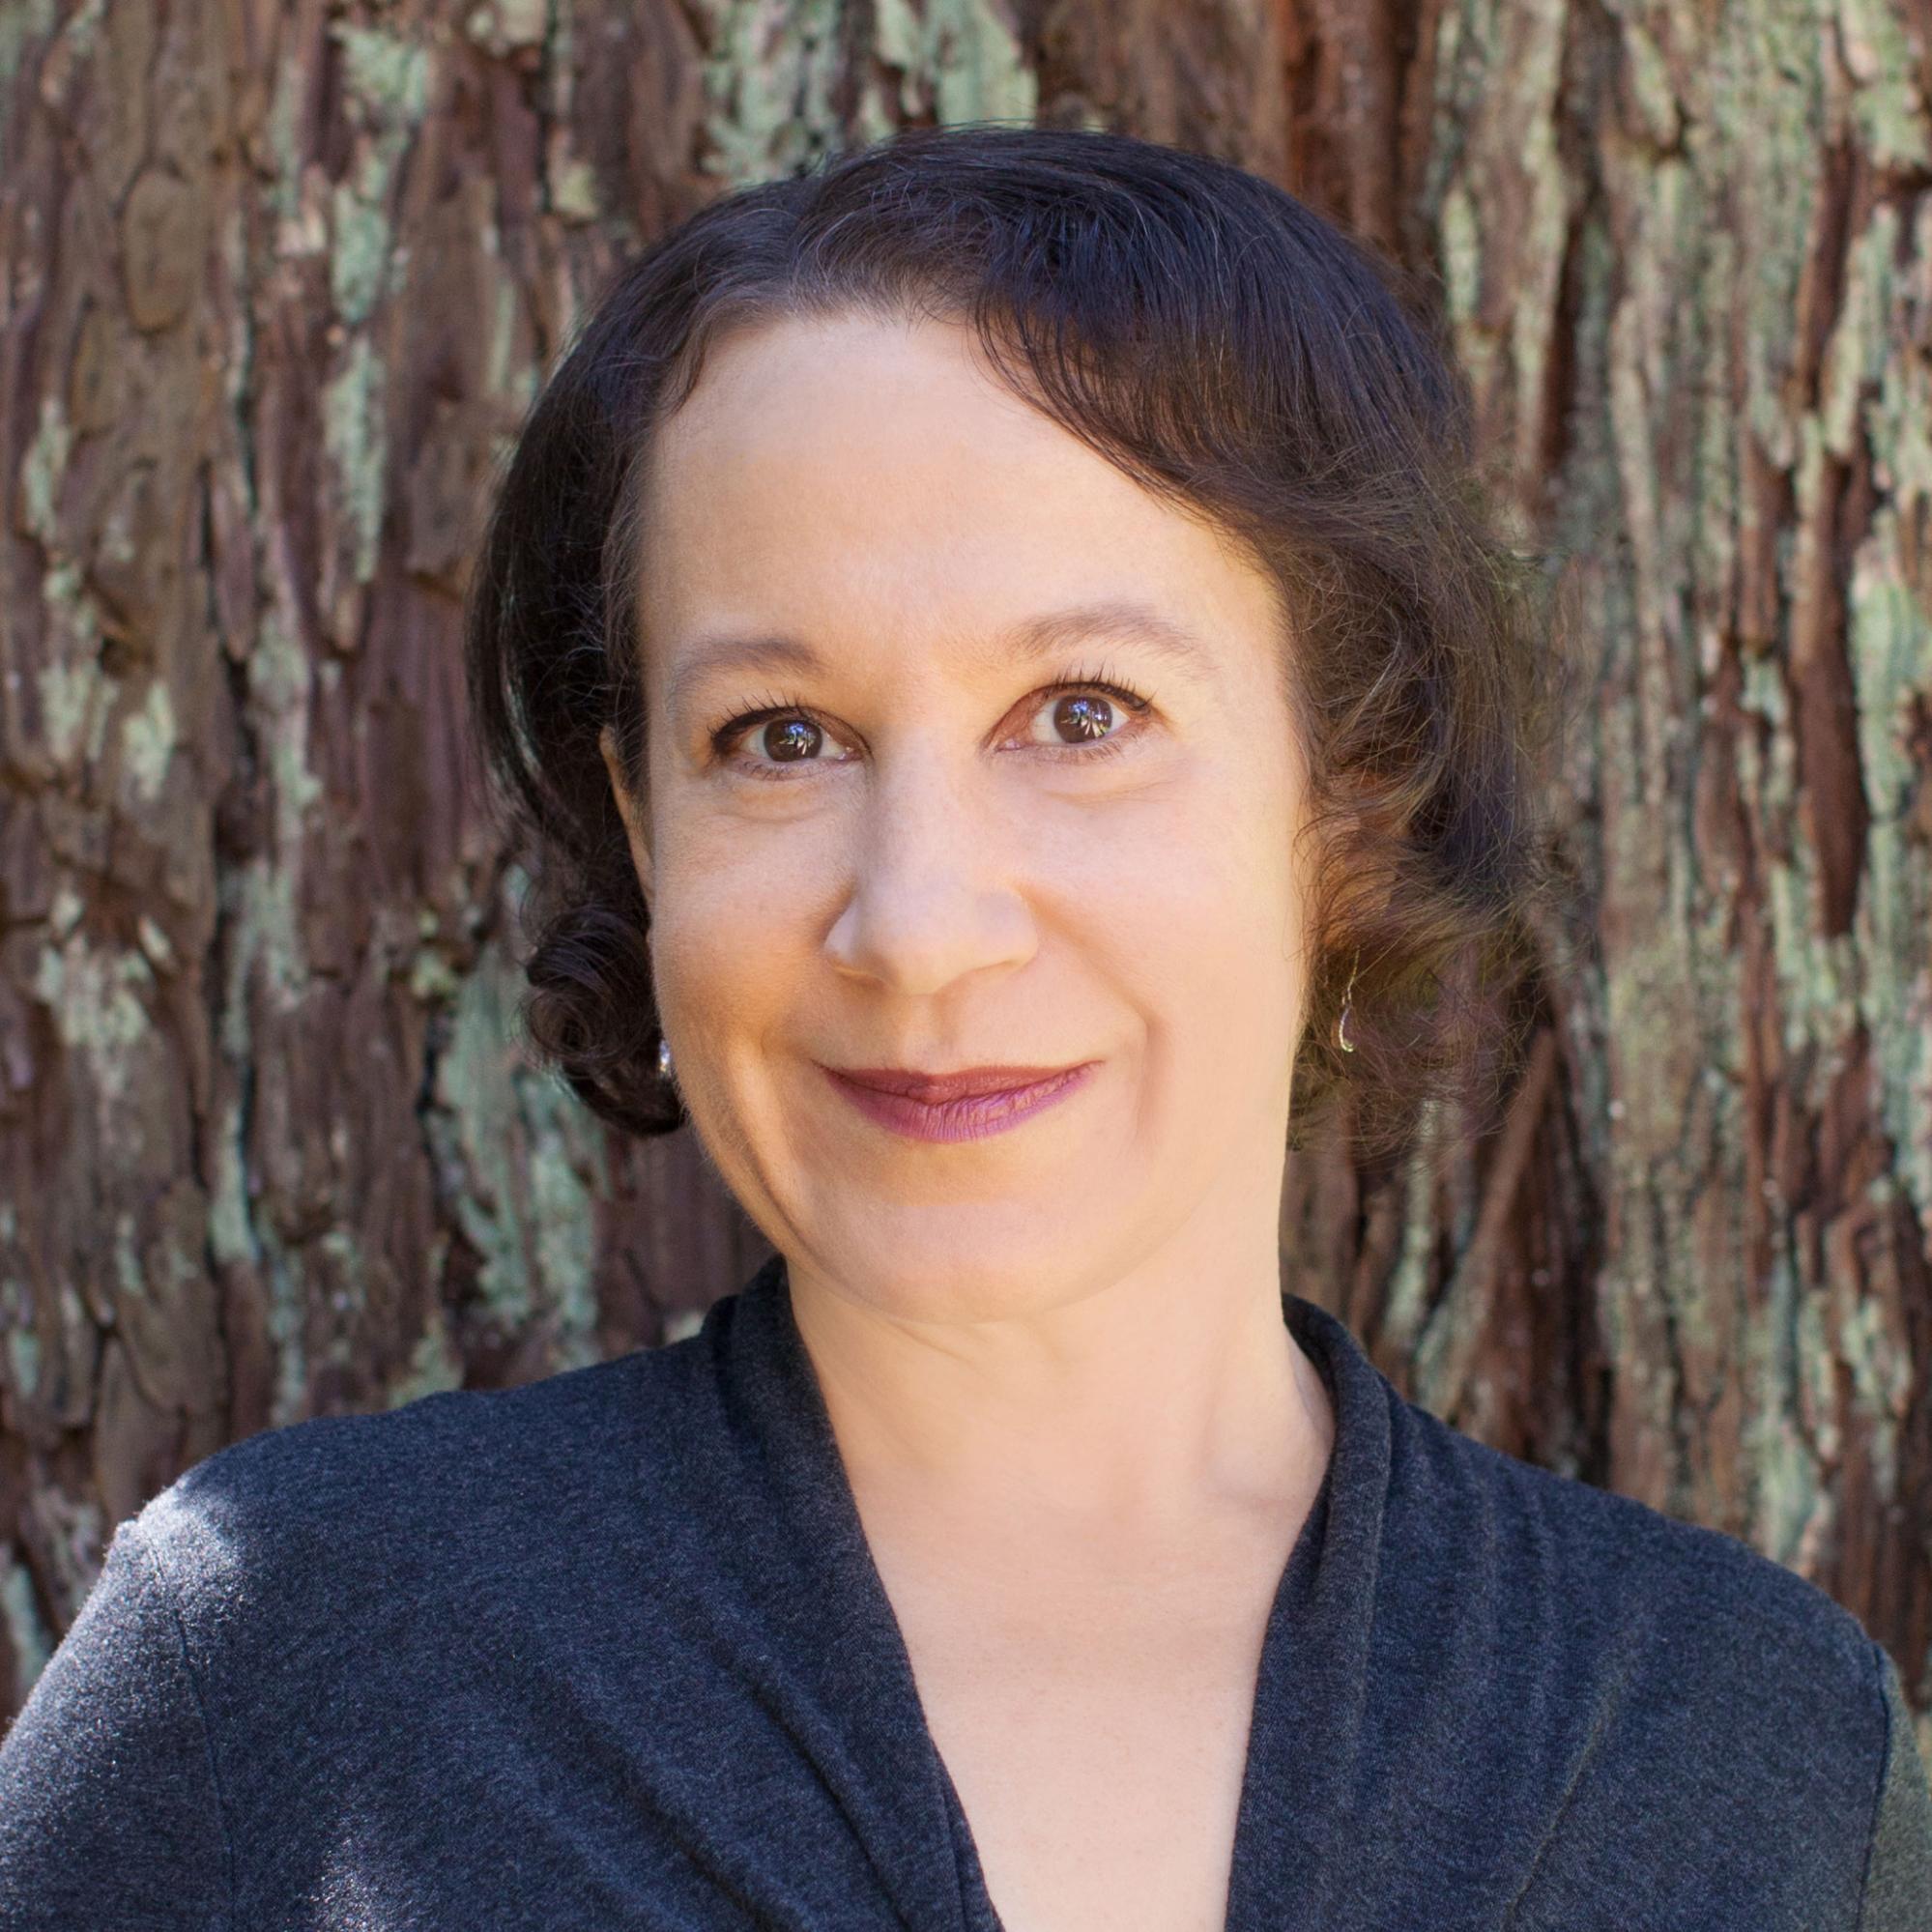 Laura Klein